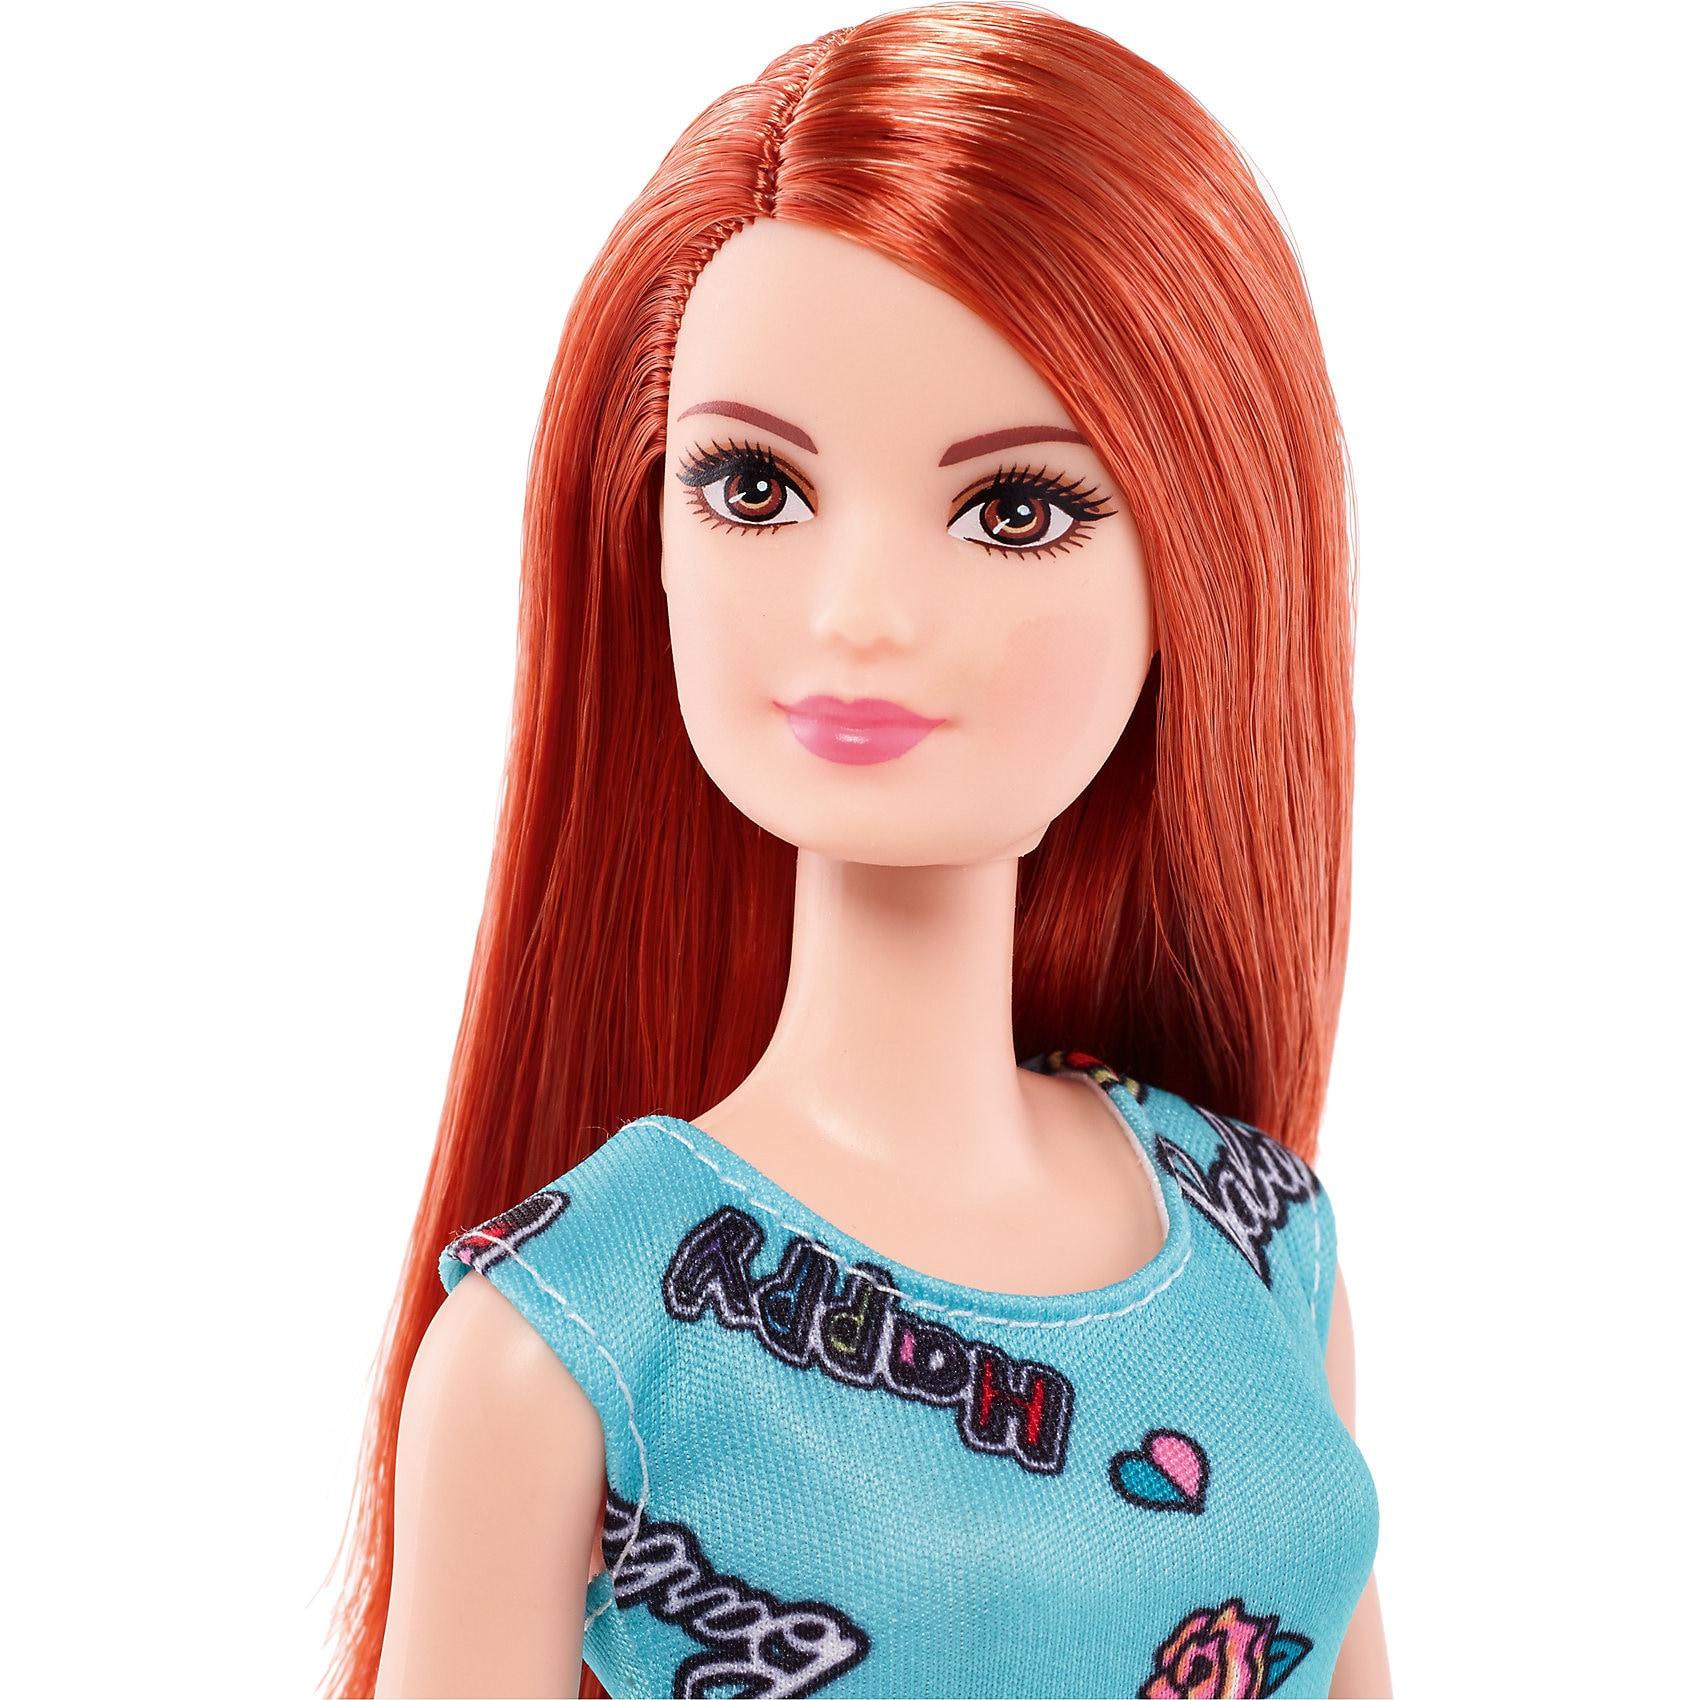 Mattel Chic Barbie Puppe im blauen Kleid mit Prints rothaarig